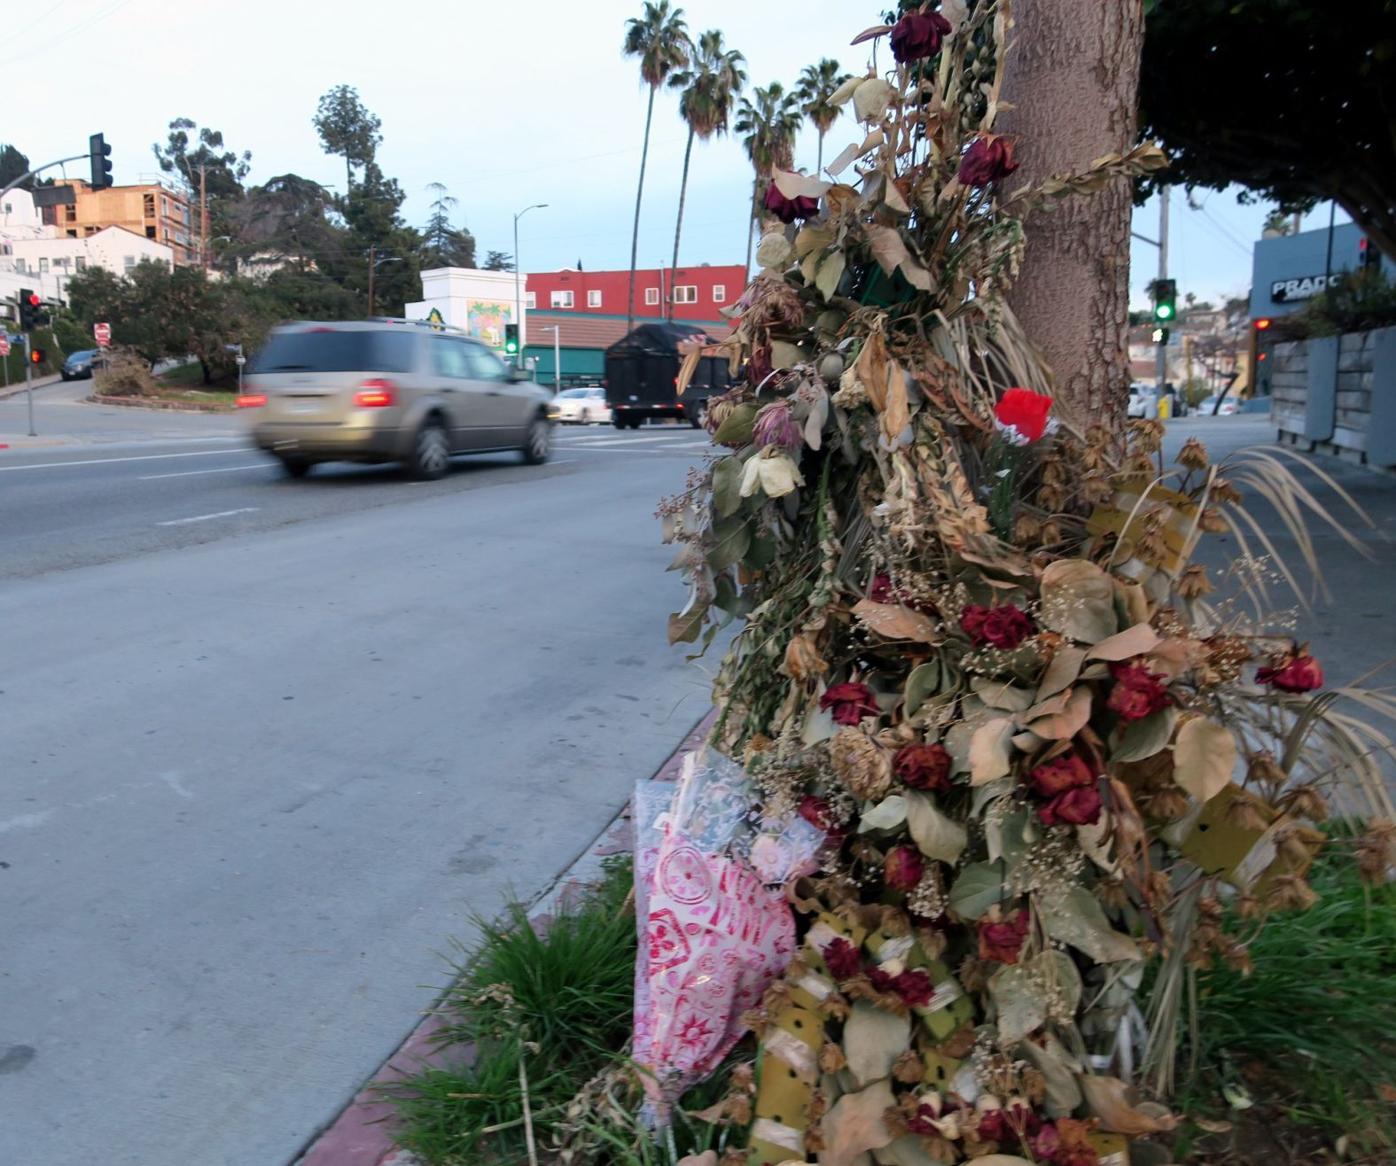 sidewalk memorial to sunset boulevard hit-and-run victim Rosa Garcia